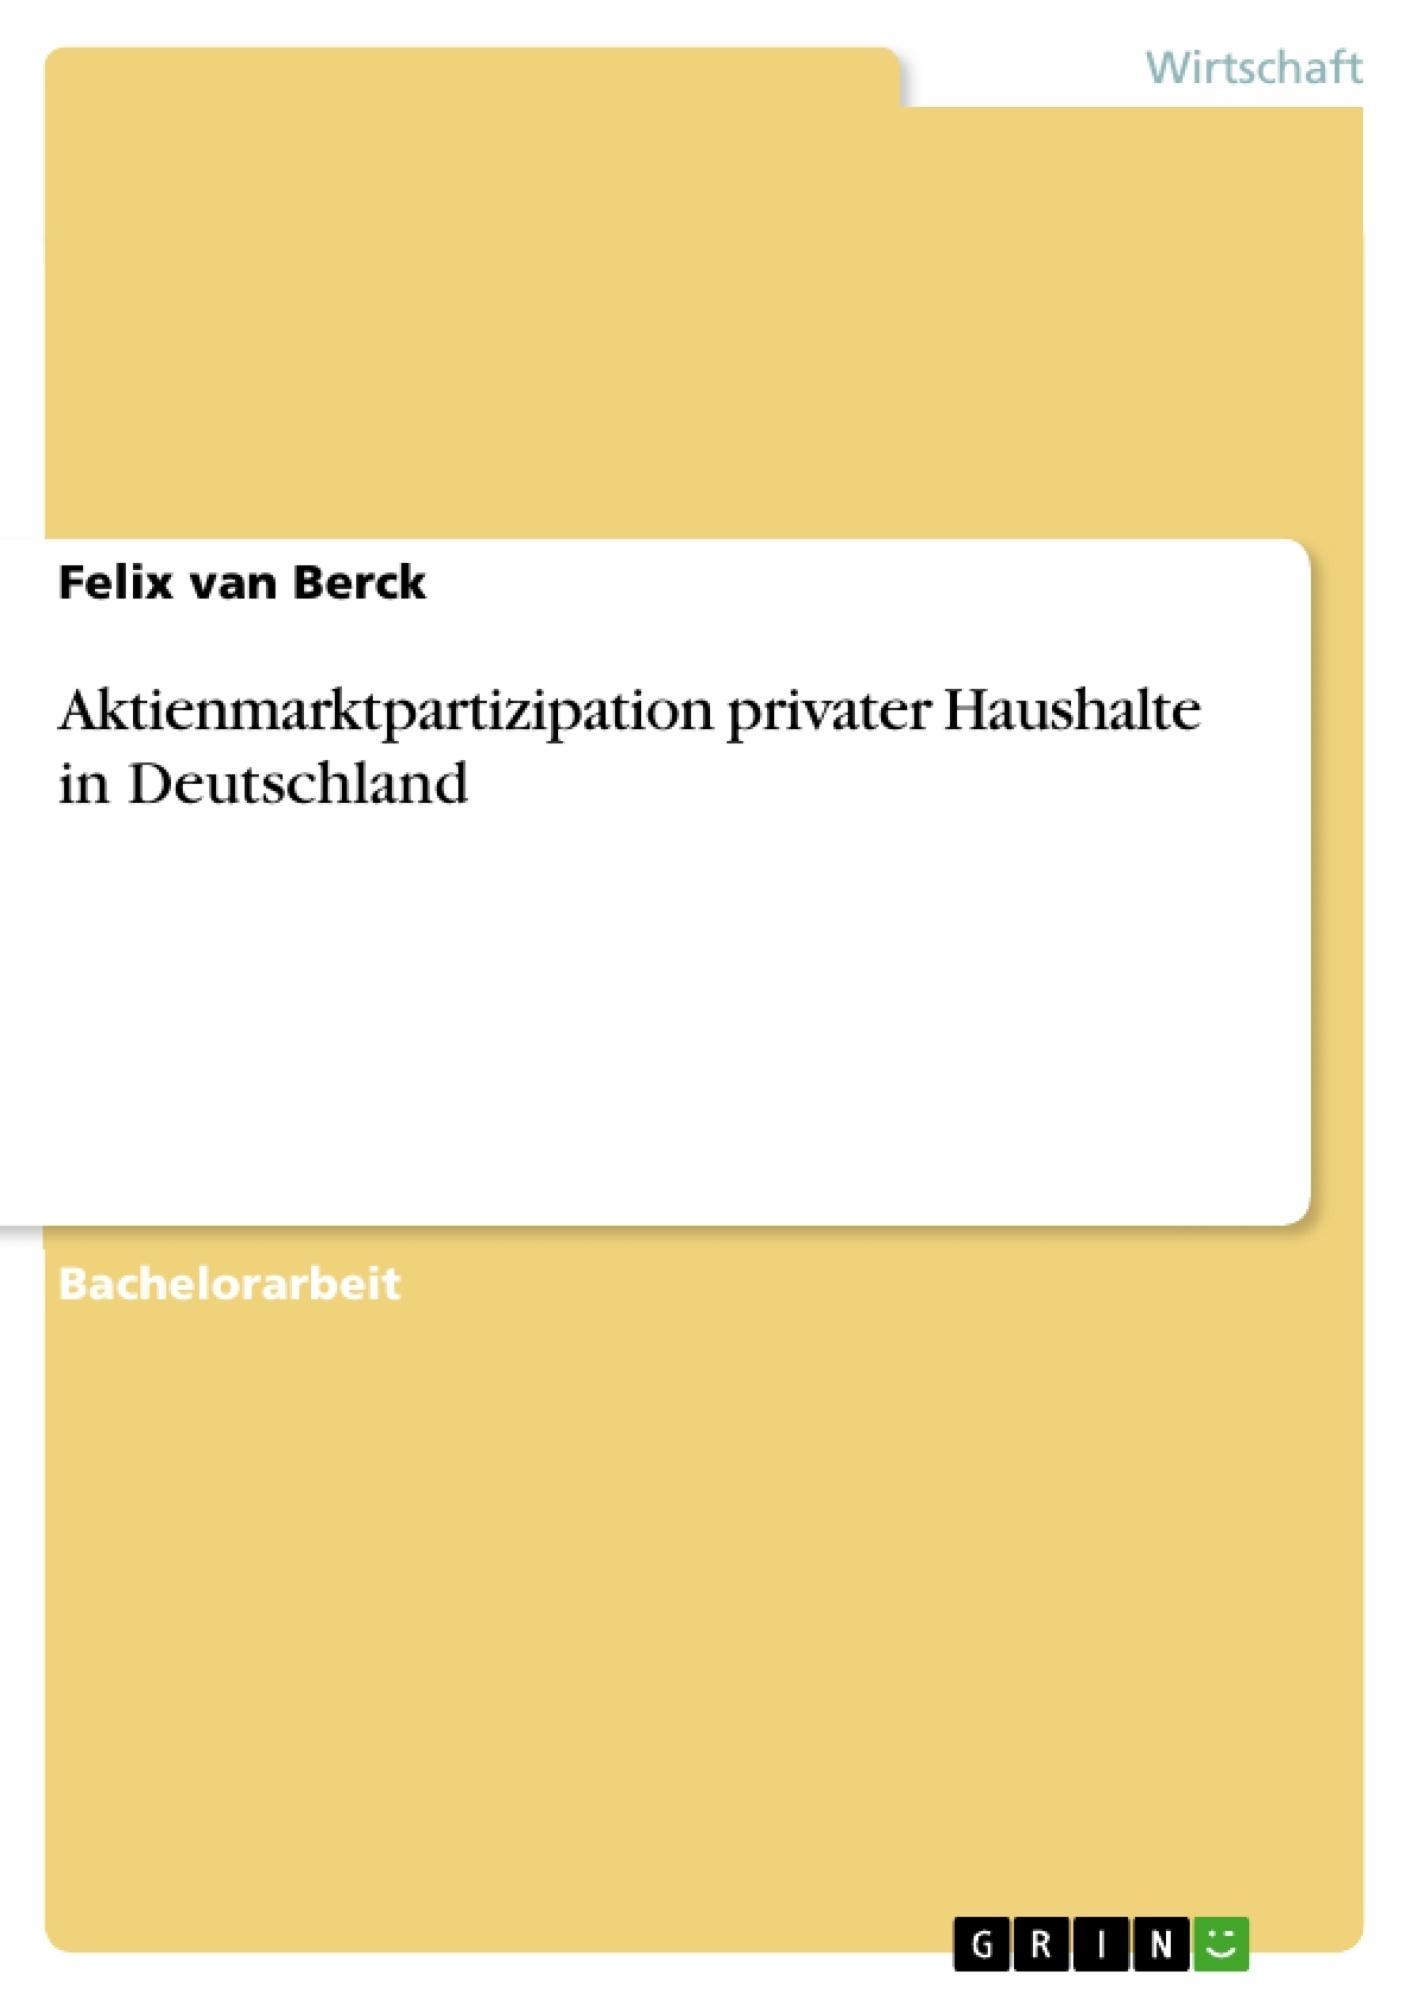 Titel: Aktienmarktpartizipation privater Haushalte in Deutschland